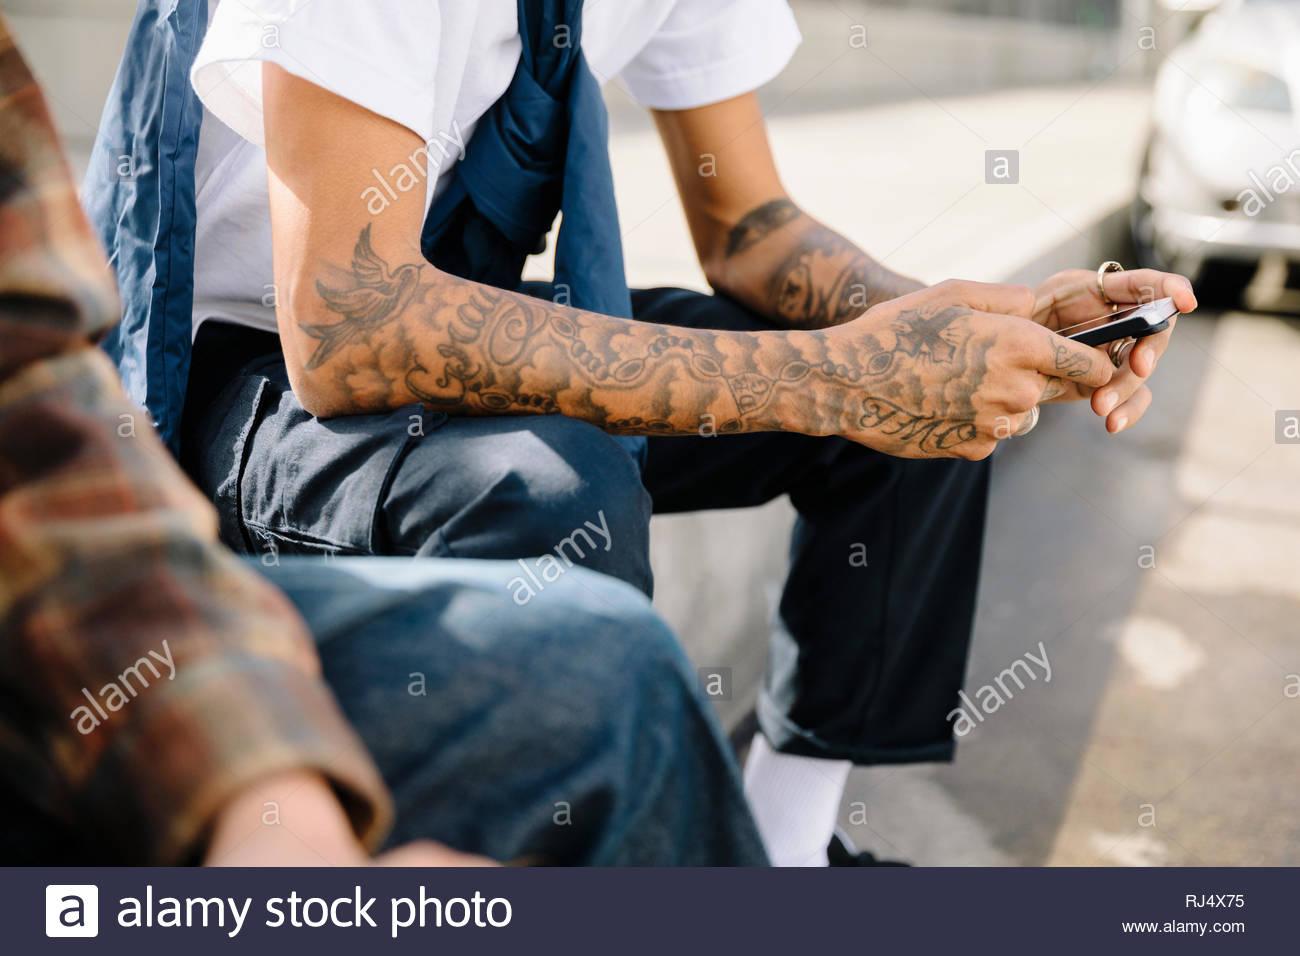 Latinx giovane con tatuaggi su bracci texting con smart phone Immagini Stock